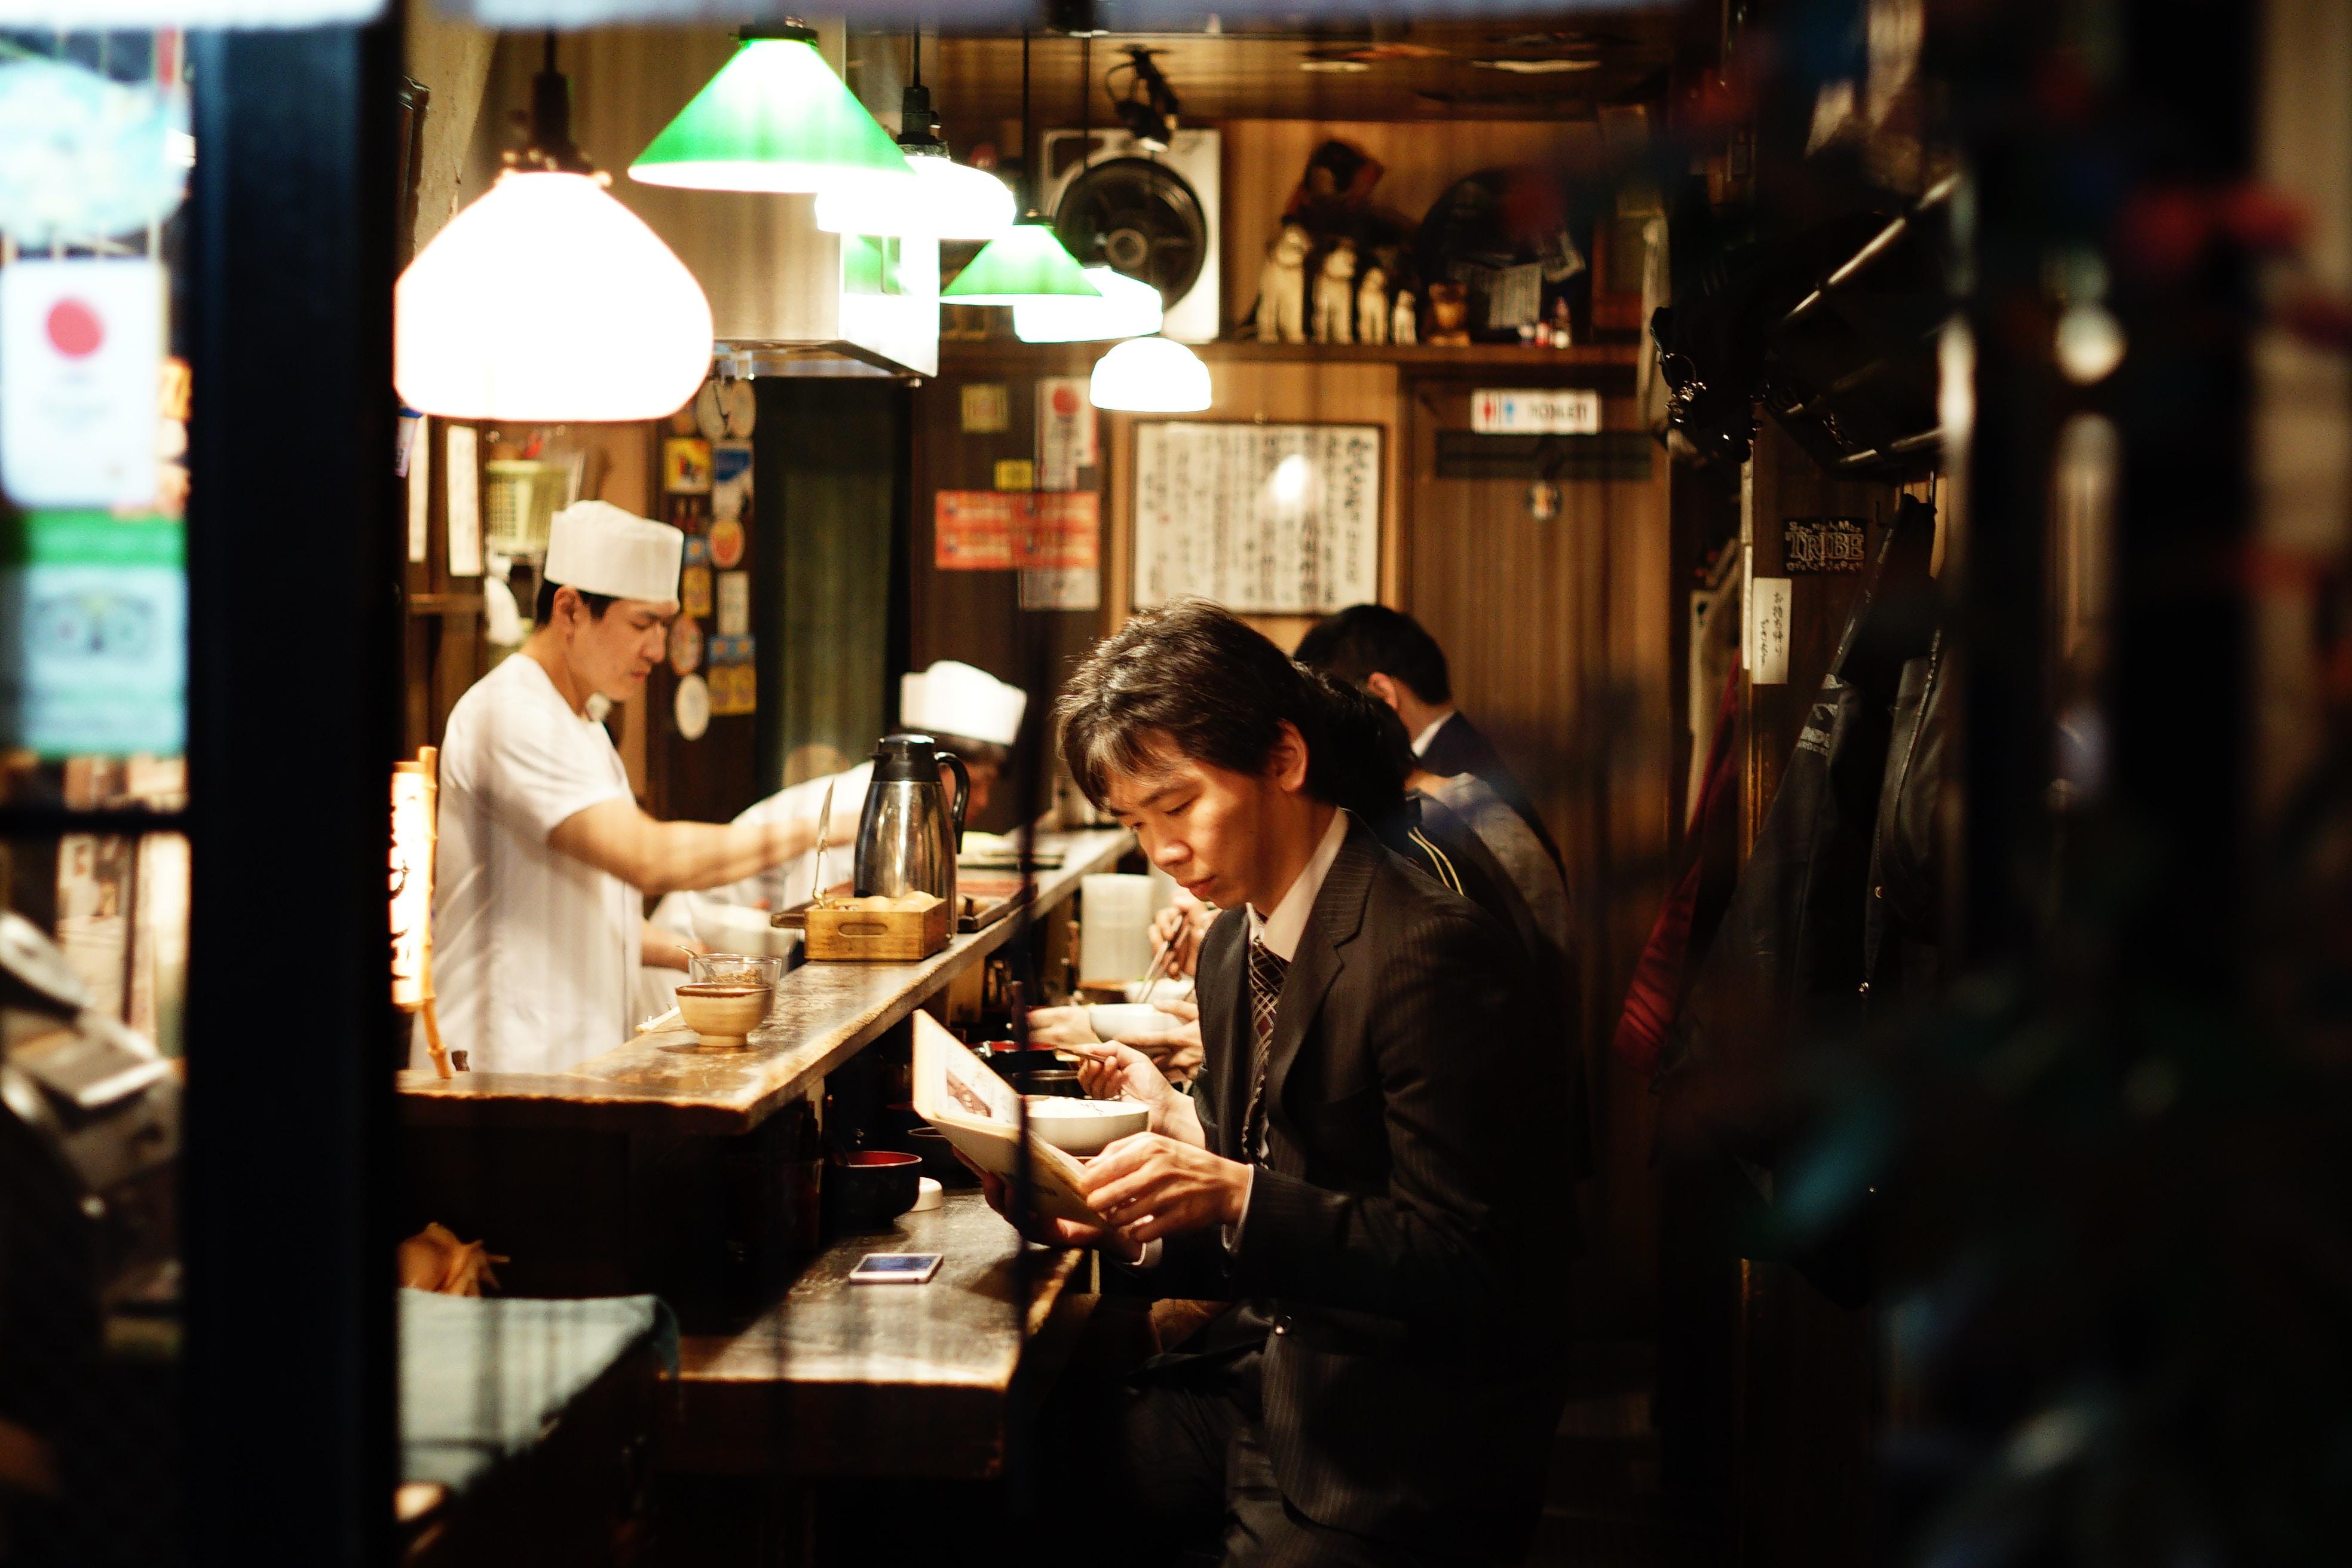 A man sitting at the counter at a Ramen restaurant in Shinjuku